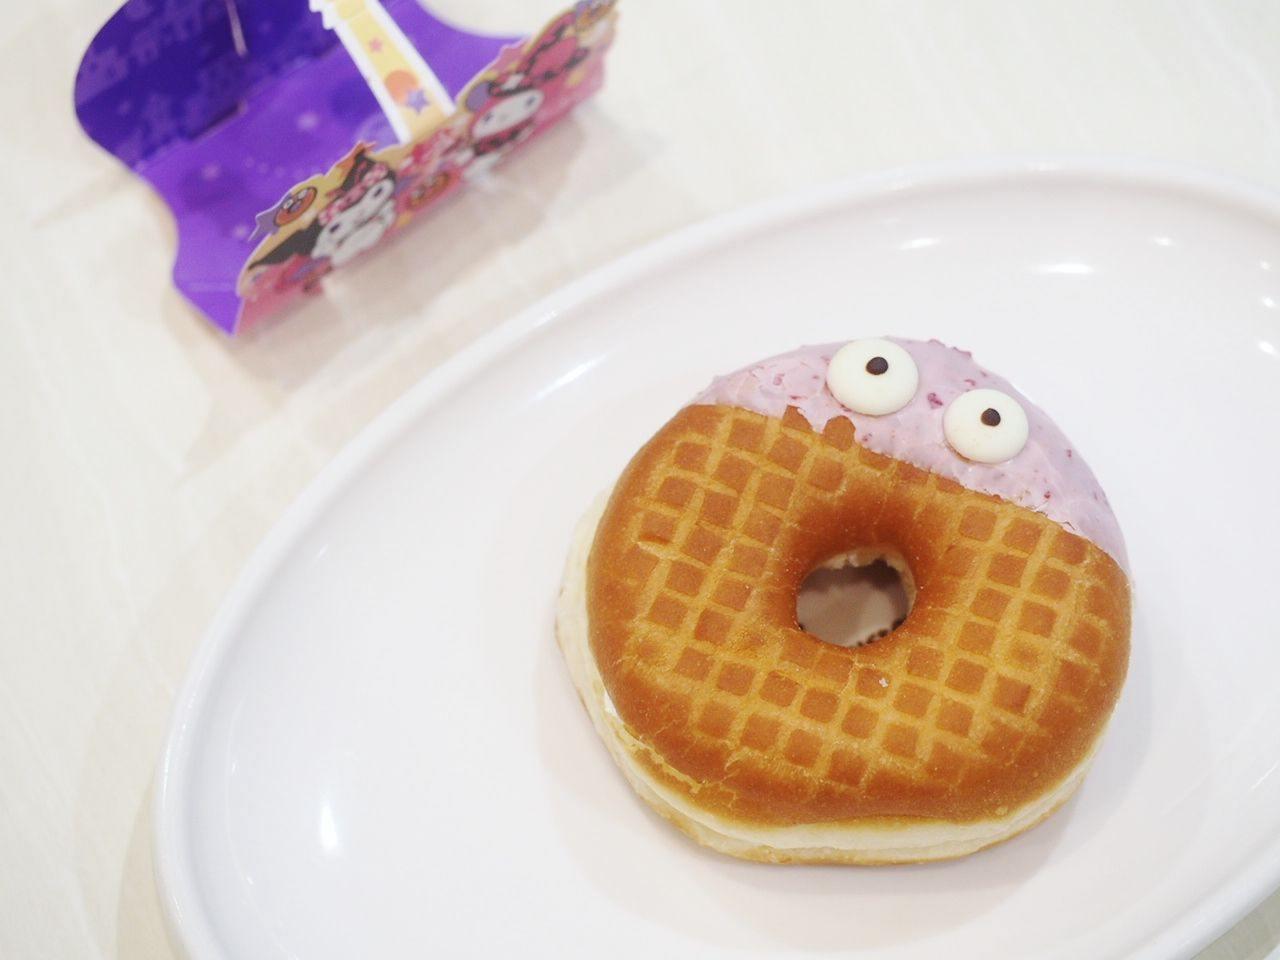 Paffietta奶油甜甜圈(含税162日圆)